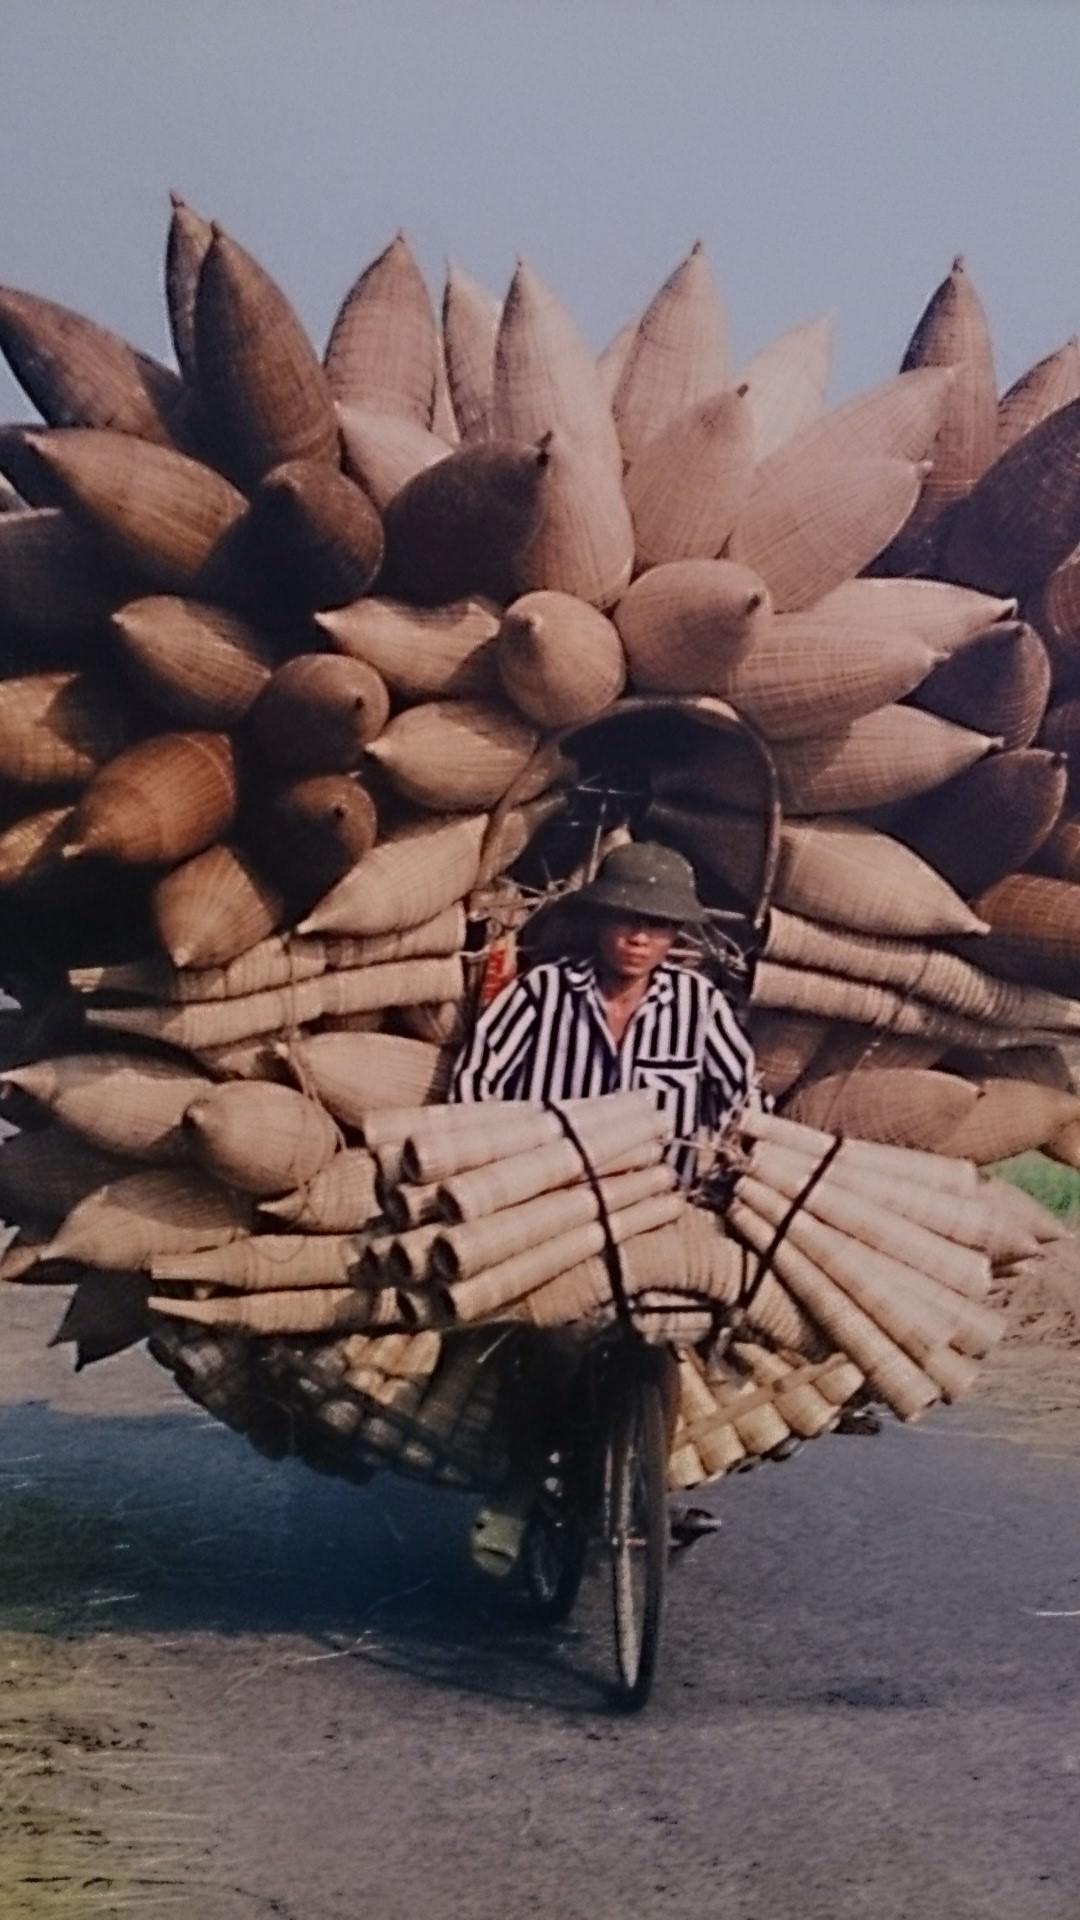 ベトナム少数民族の住宅展示場・民族学博物館